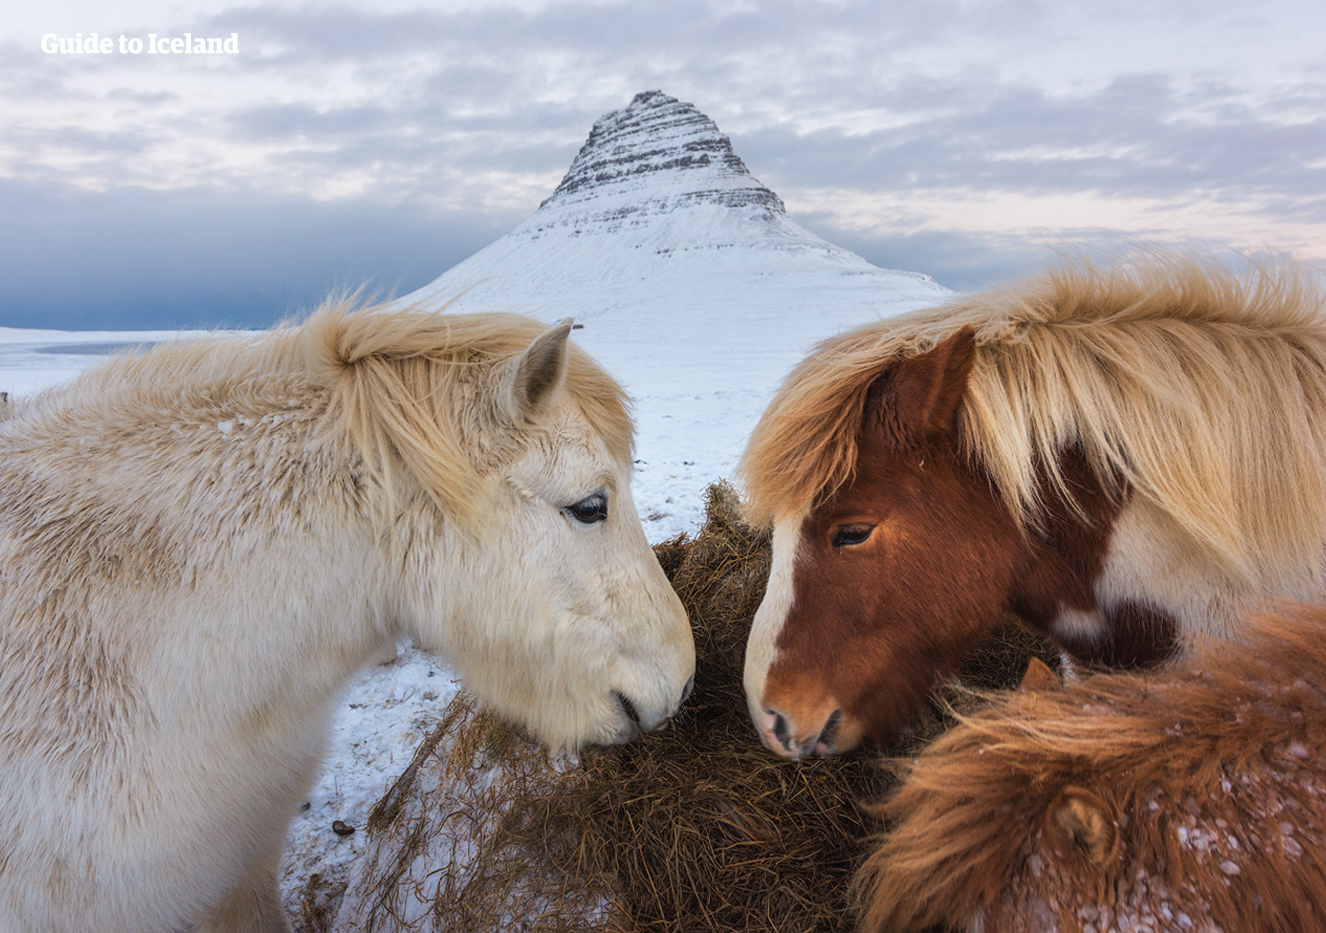 스나이펠스네스에는 정말 많은 볼것들이 있는데요. 키르큐펠 산 주변에는 풀을뜯으며 서성이는 말들이 보이기도 합니다.